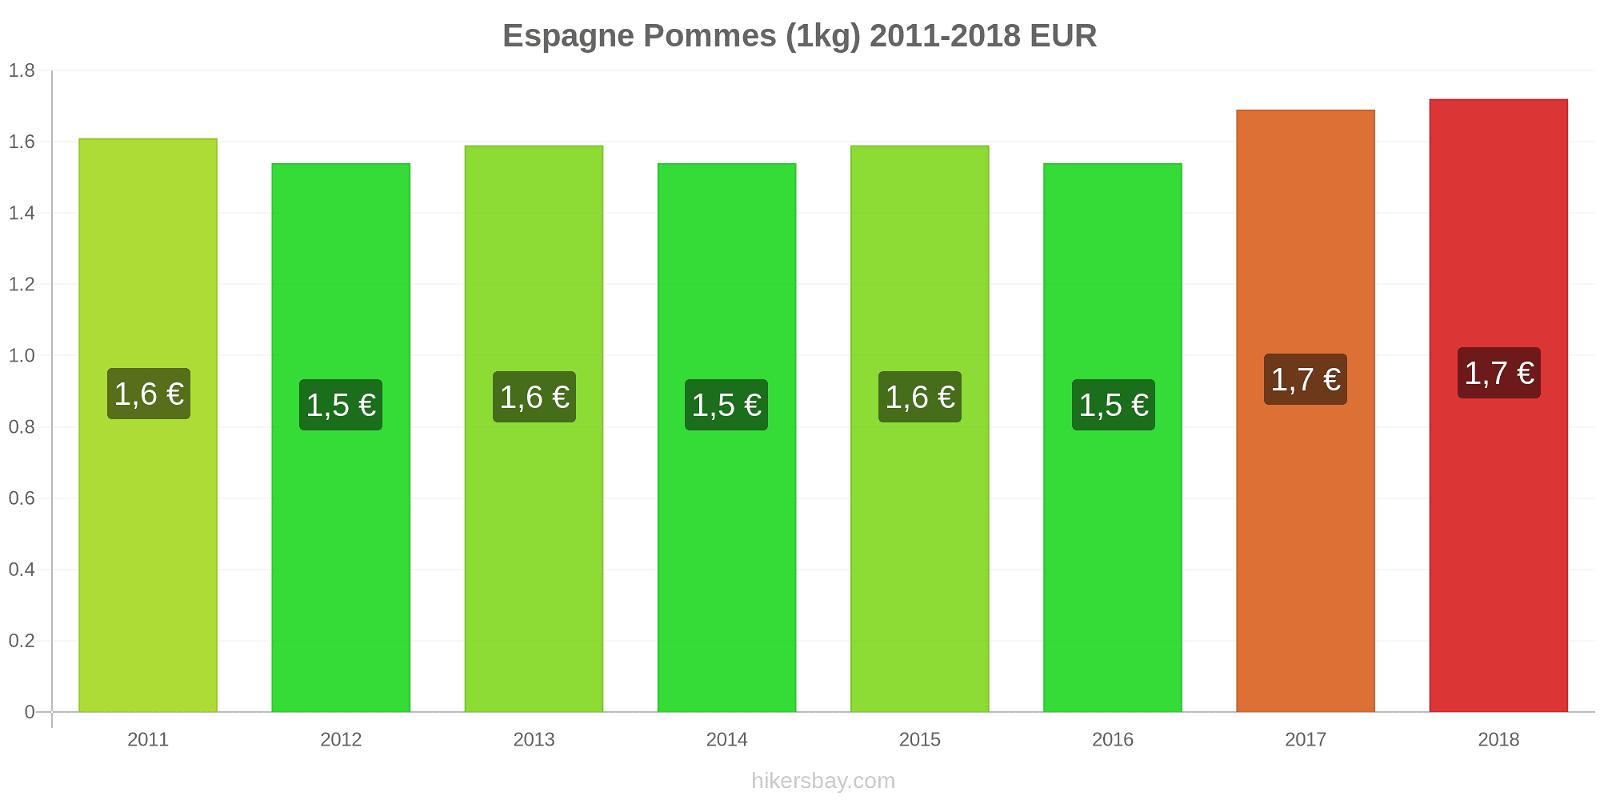 Espagne changements de prix Pommes (1kg) hikersbay.com